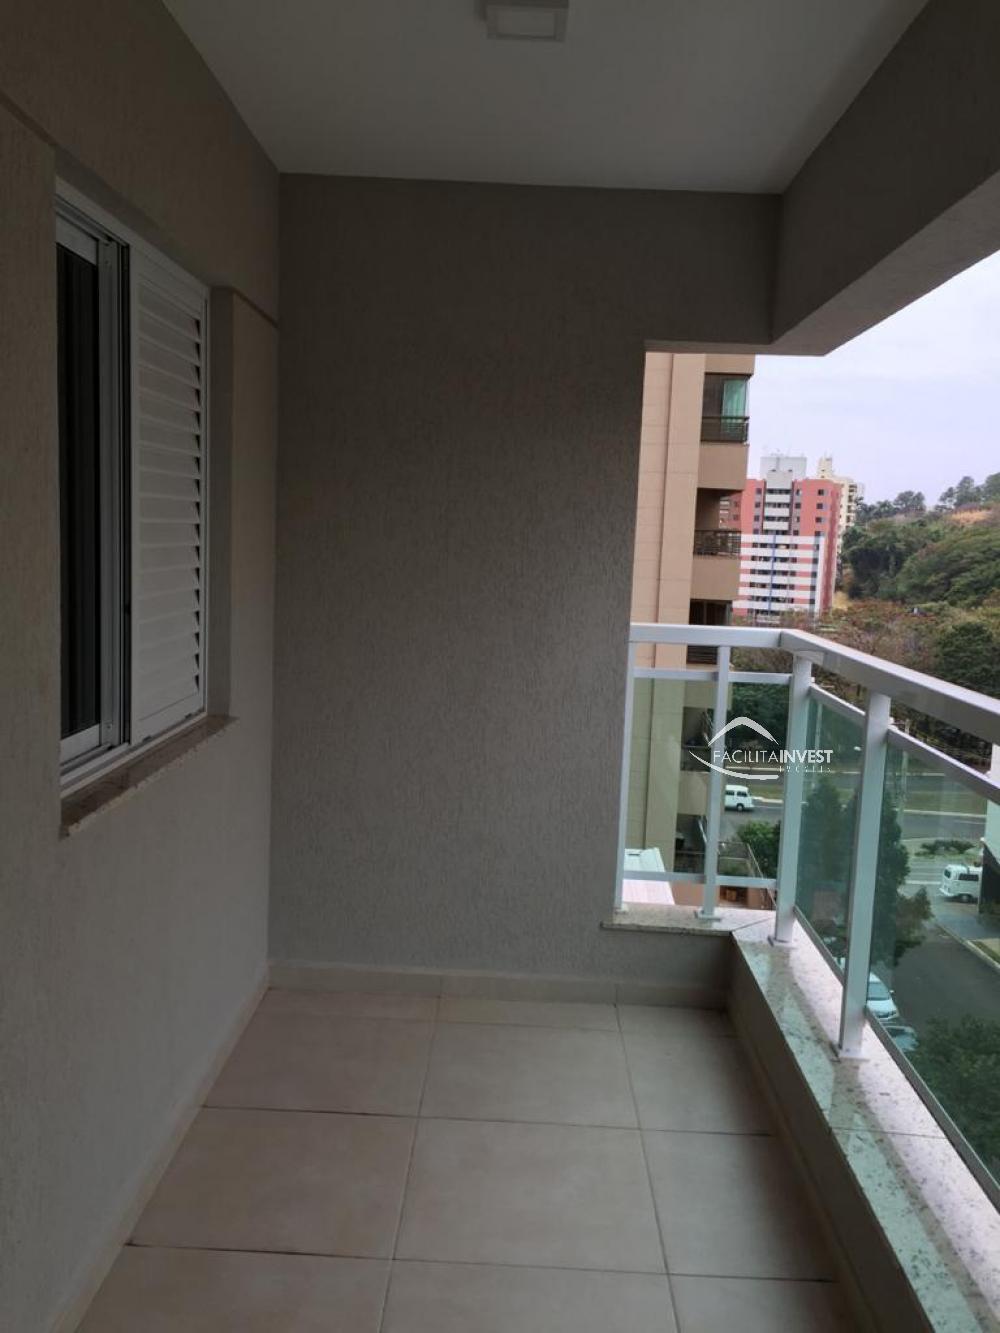 Alugar Apartamentos / Apart. Padrão em Ribeirão Preto R$ 1.900,00 - Foto 7